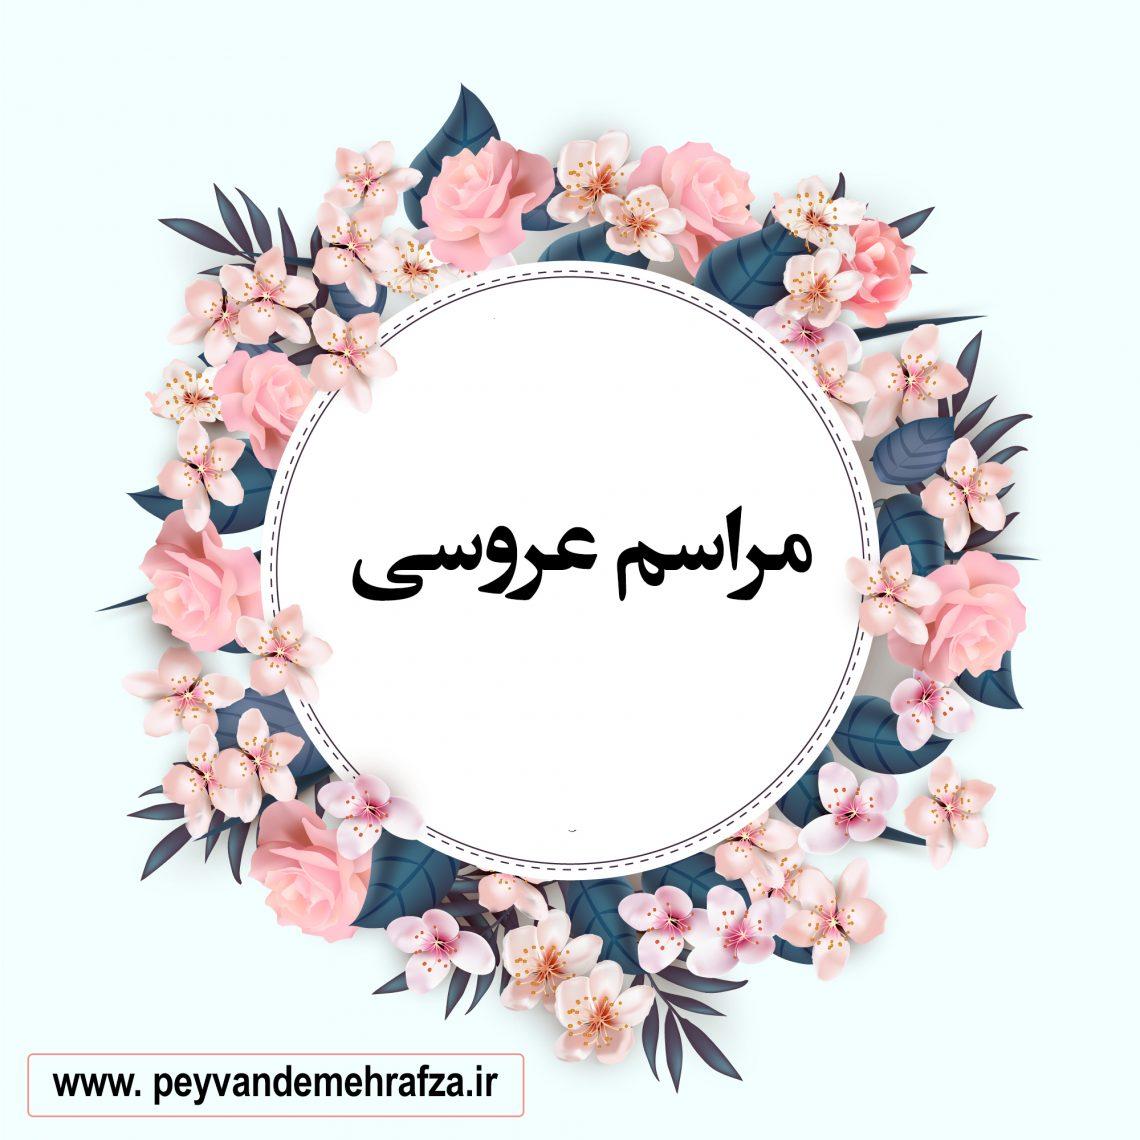 عواقب ازدواج بدون عروسی - سفره عقد و دفترعقد و ازدواج در غرب تهران پیوندمهرافزا